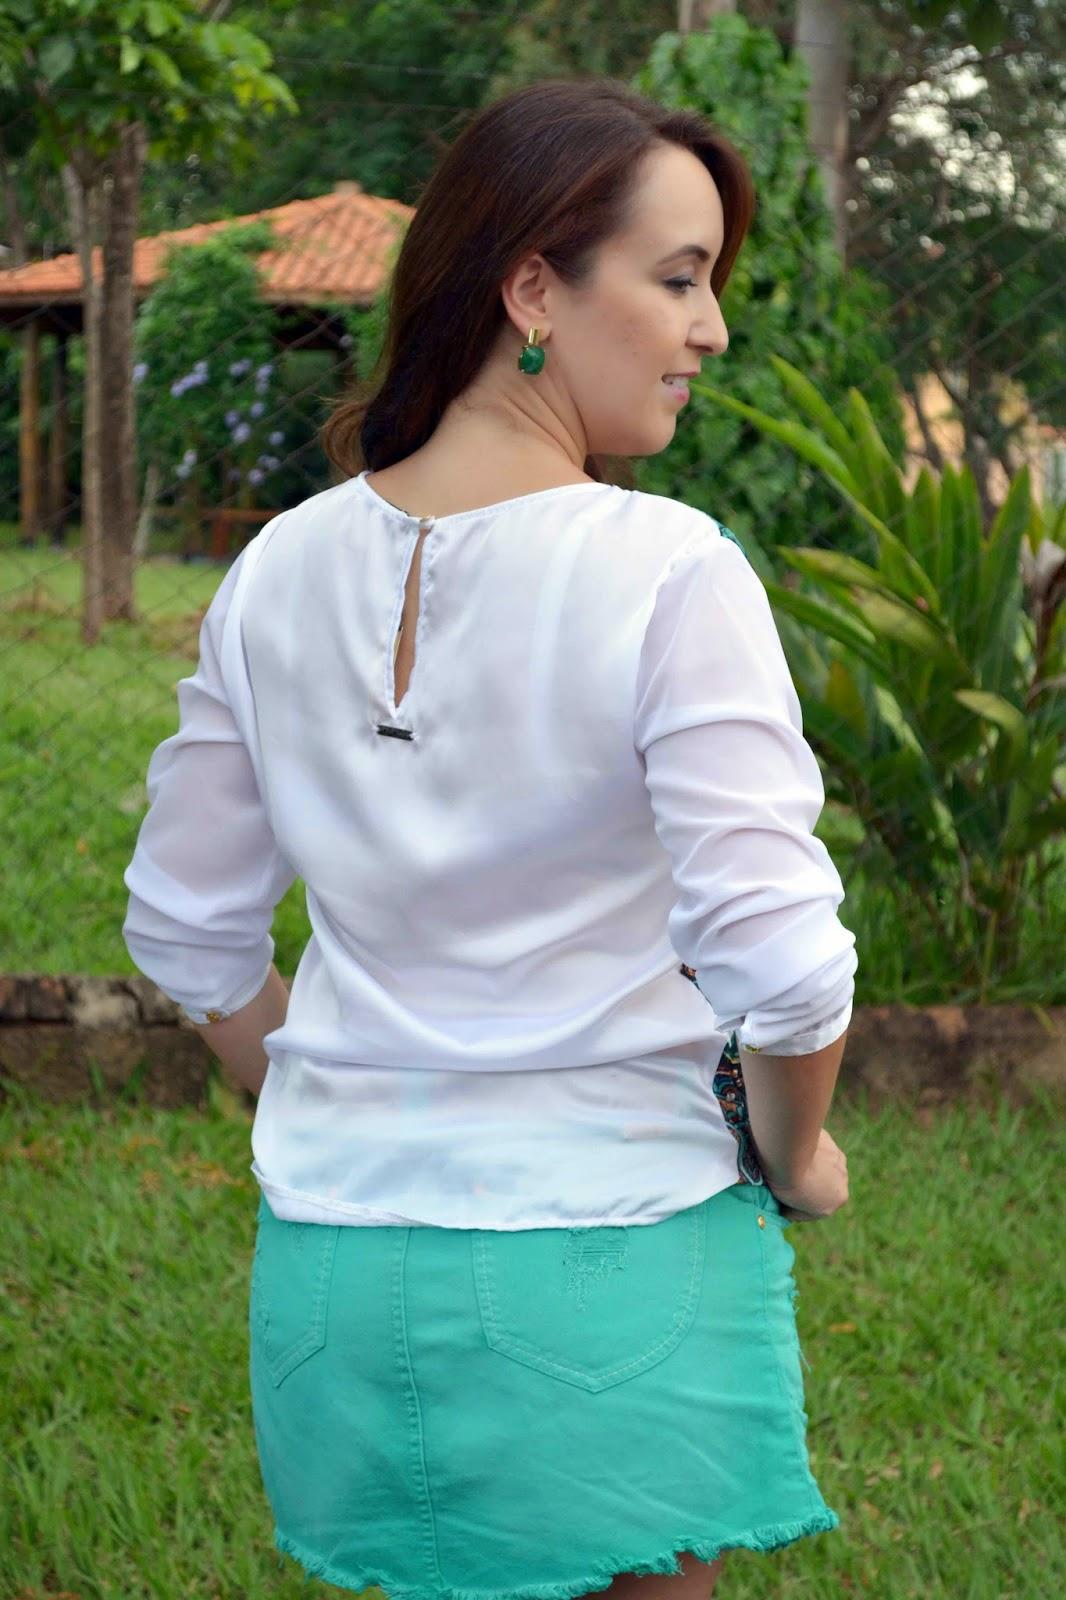 saia verde, blusa estampada, cintos femininos, look do dia, look de blogueira, blog camila andrade, blog de moda em ribeirão preto, blogueira de moda em ribeirão preto, fashion blogger, look do dia, pamela zanandréa